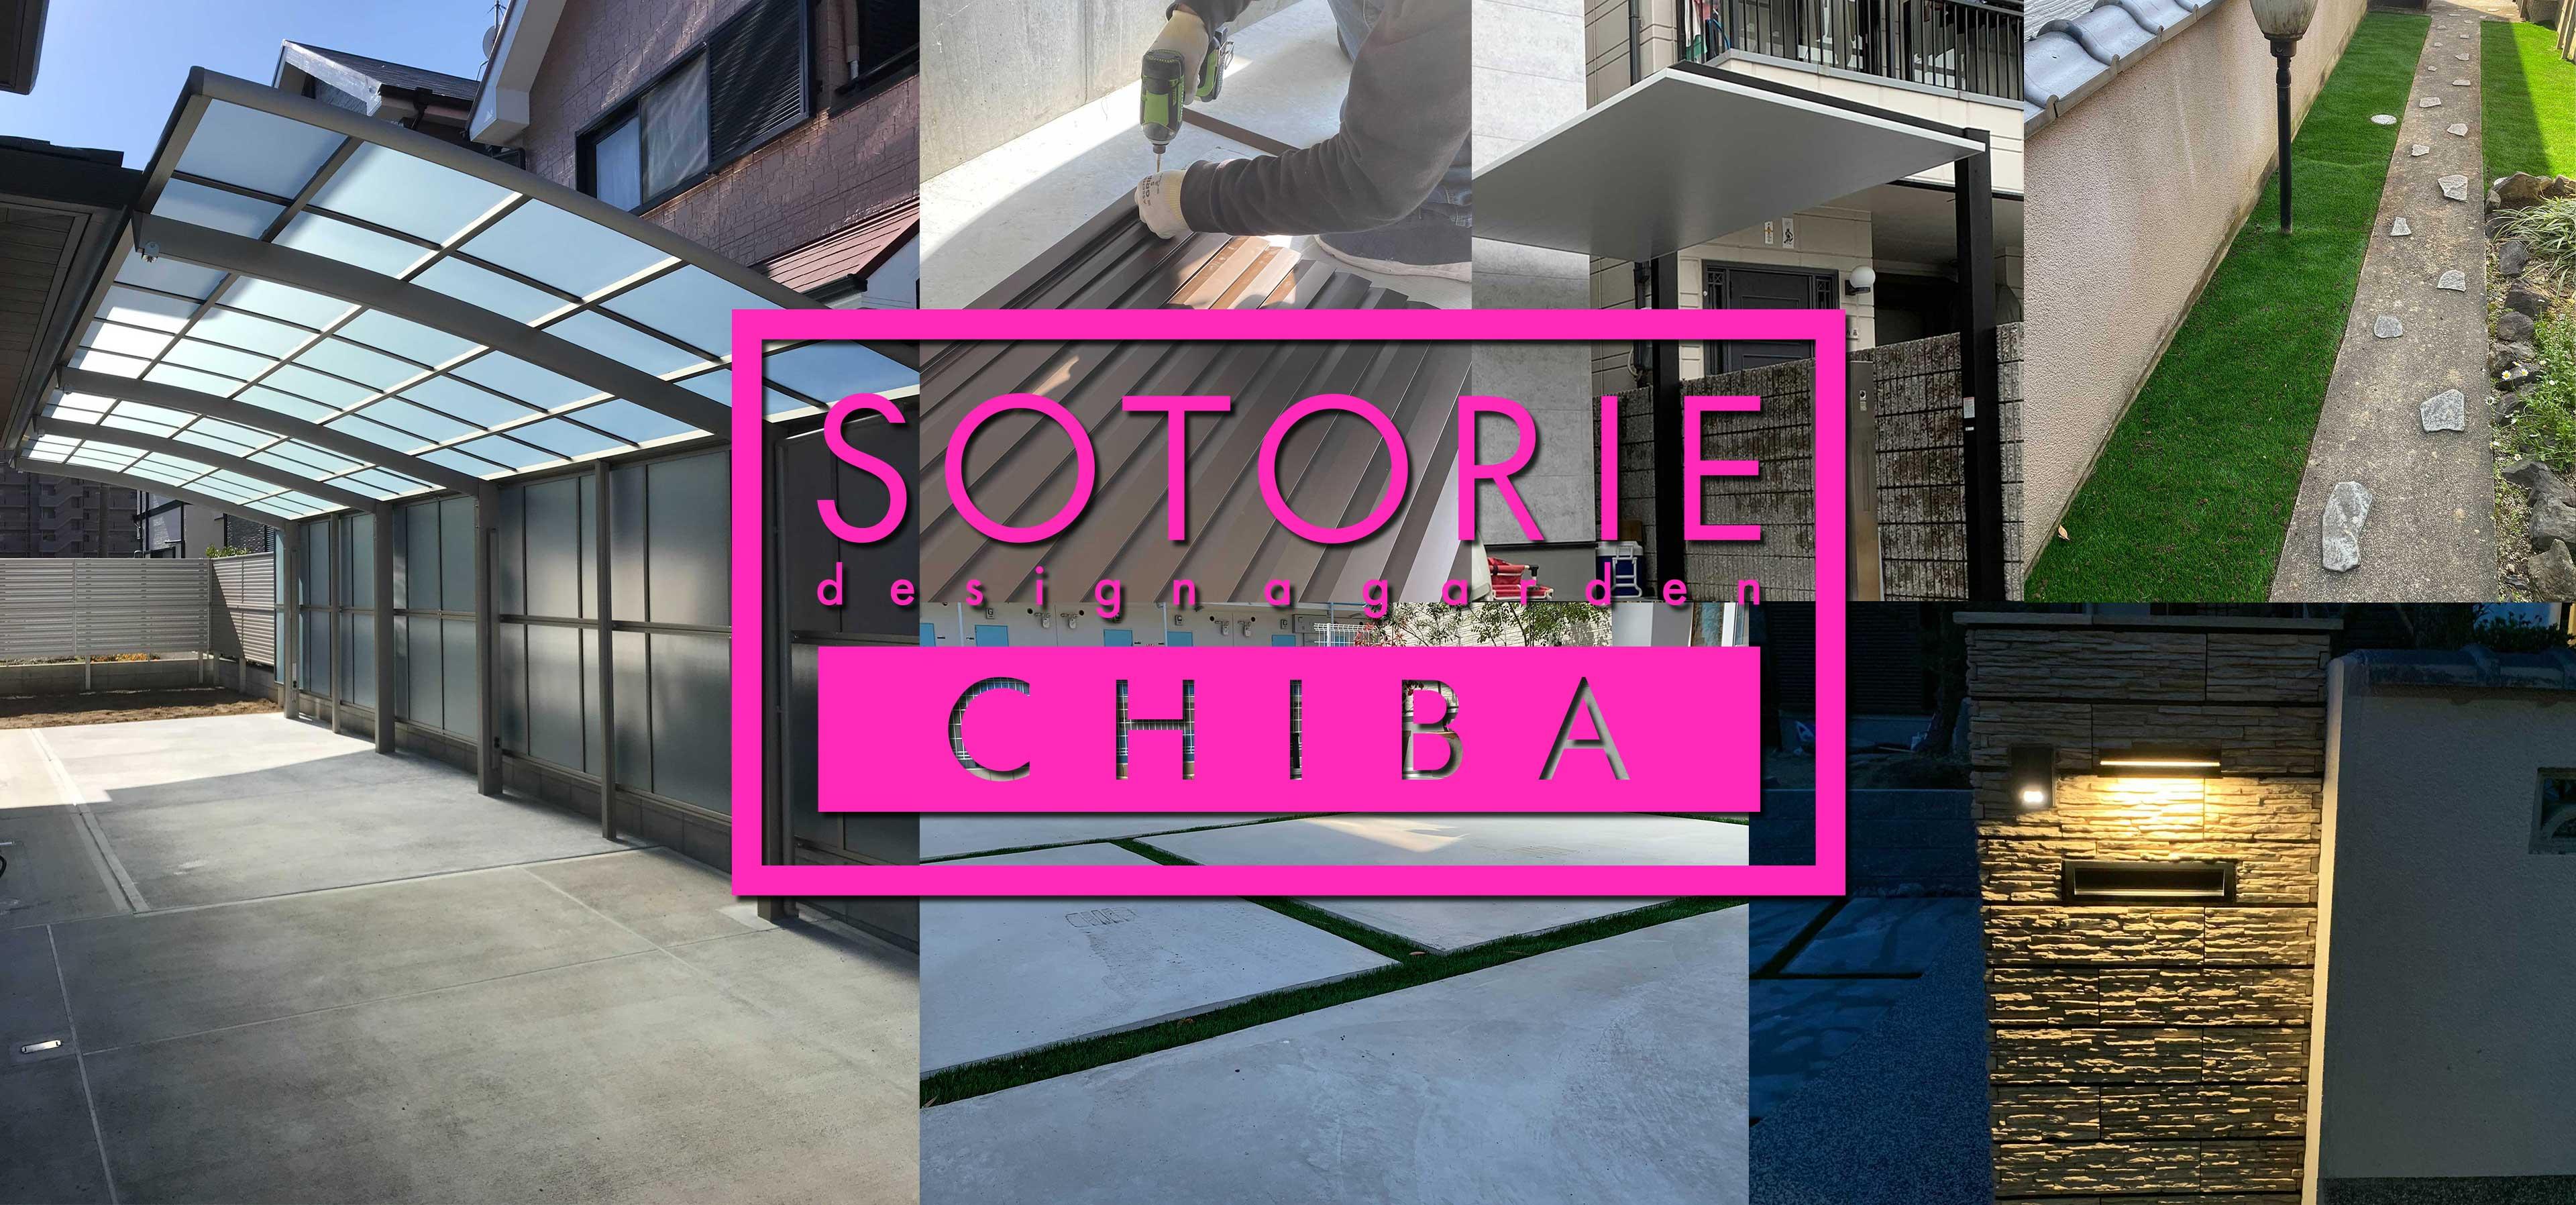 ソトリエ千葉では、家周りと庭周りの外構、エクステリア工事をおしゃれなデザインと高い施工品質でご提供することをお約束します。